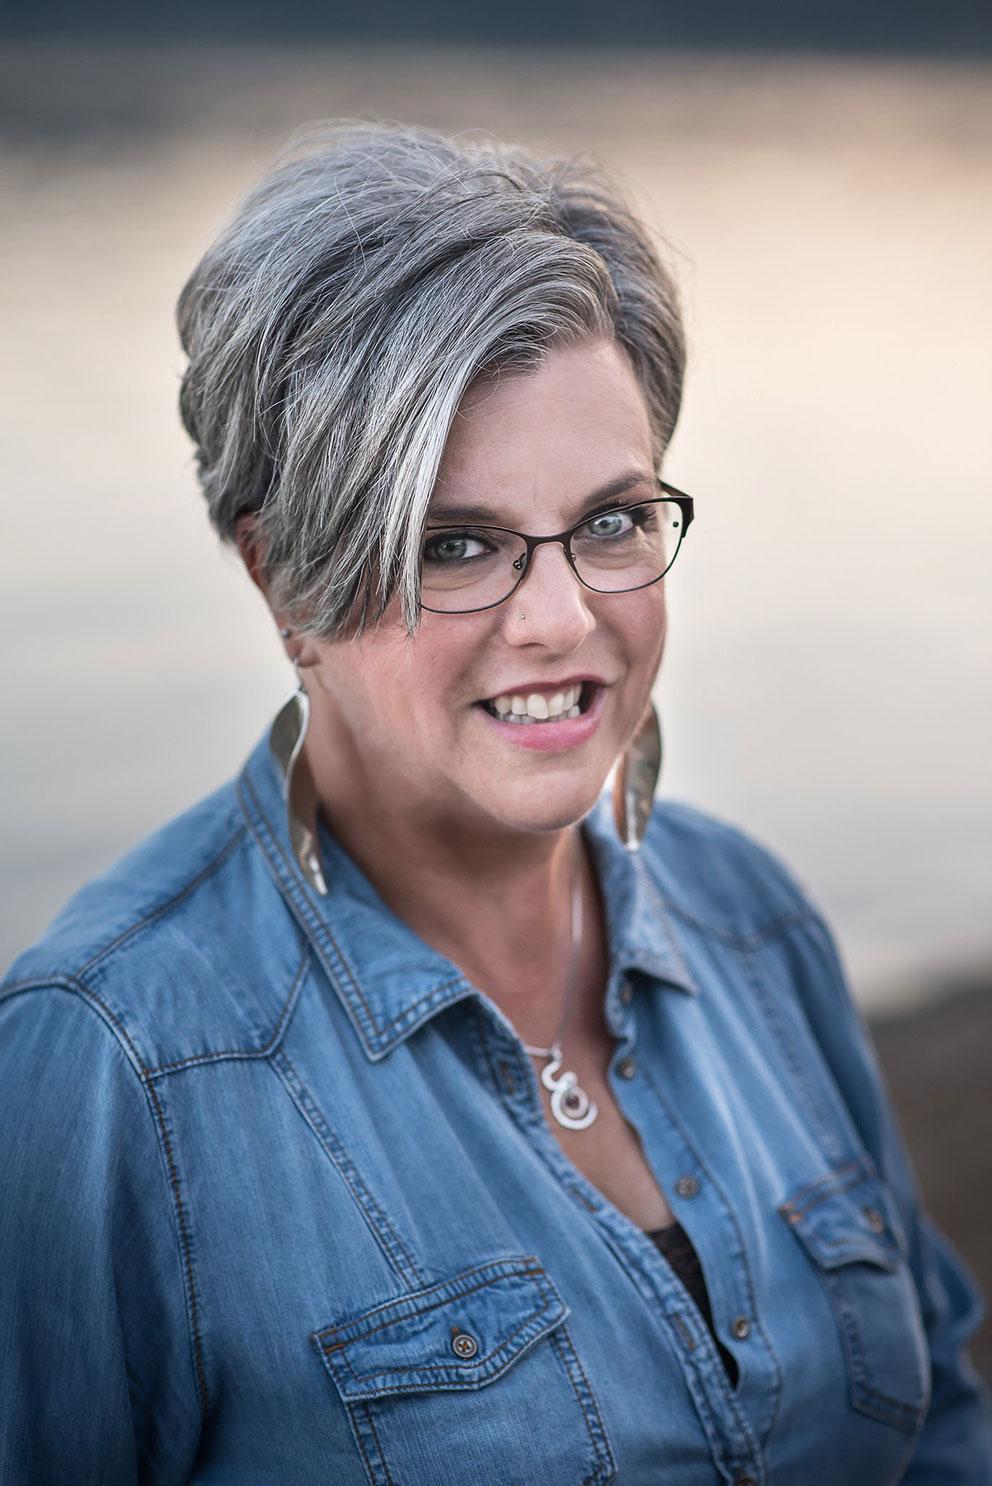 Kim Palmer - Meet the Midwife